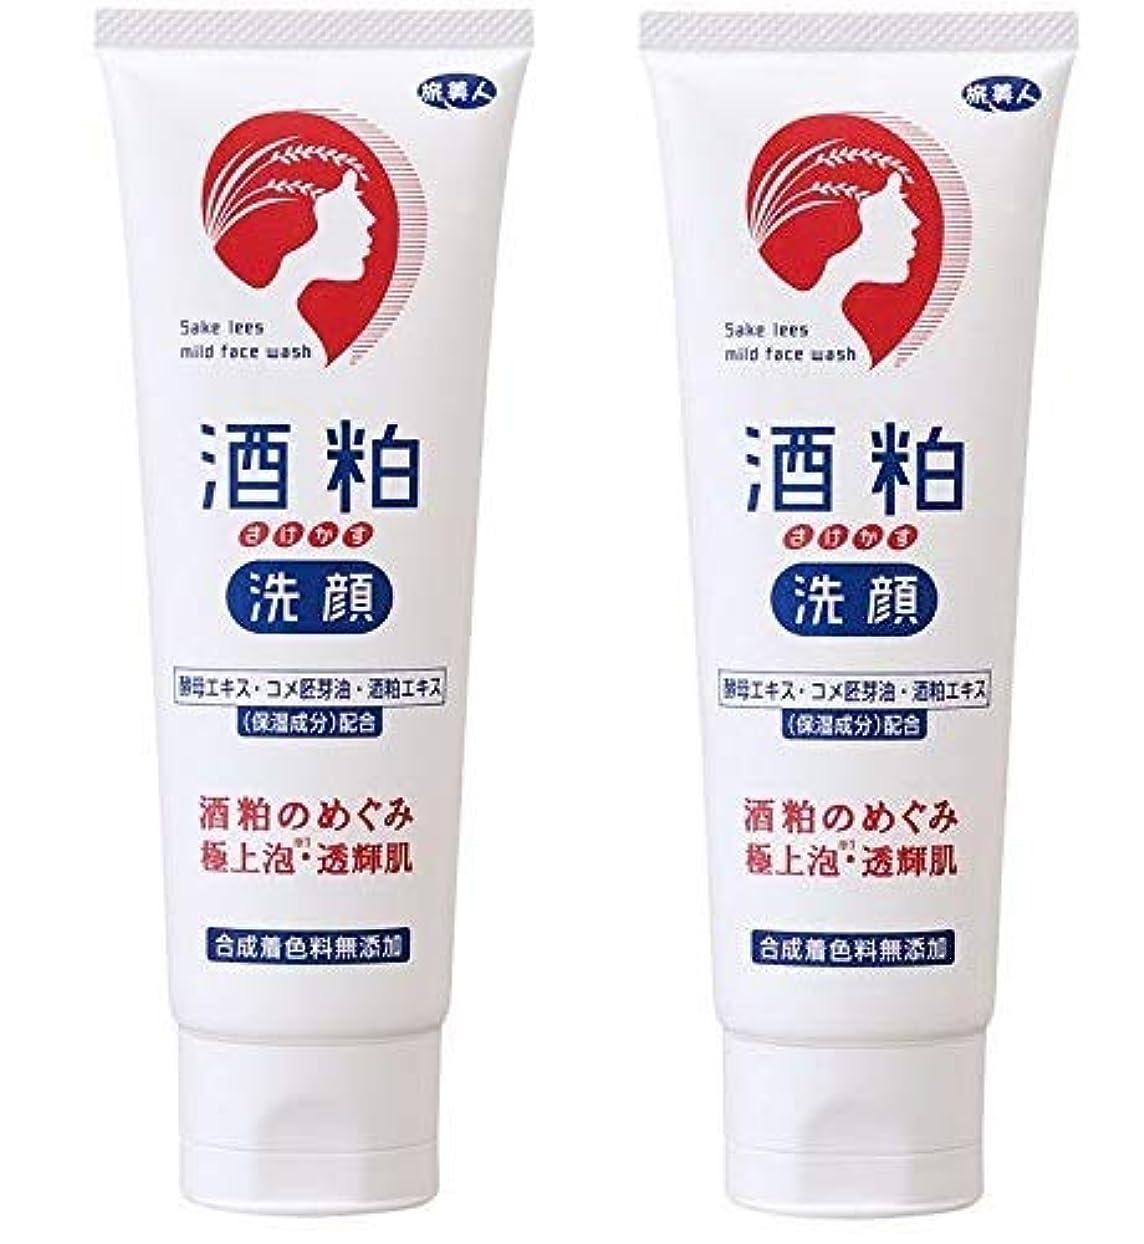 スクリーチ合唱団付与旅美人 酒粕洗顔 アズマ商事 (2個)